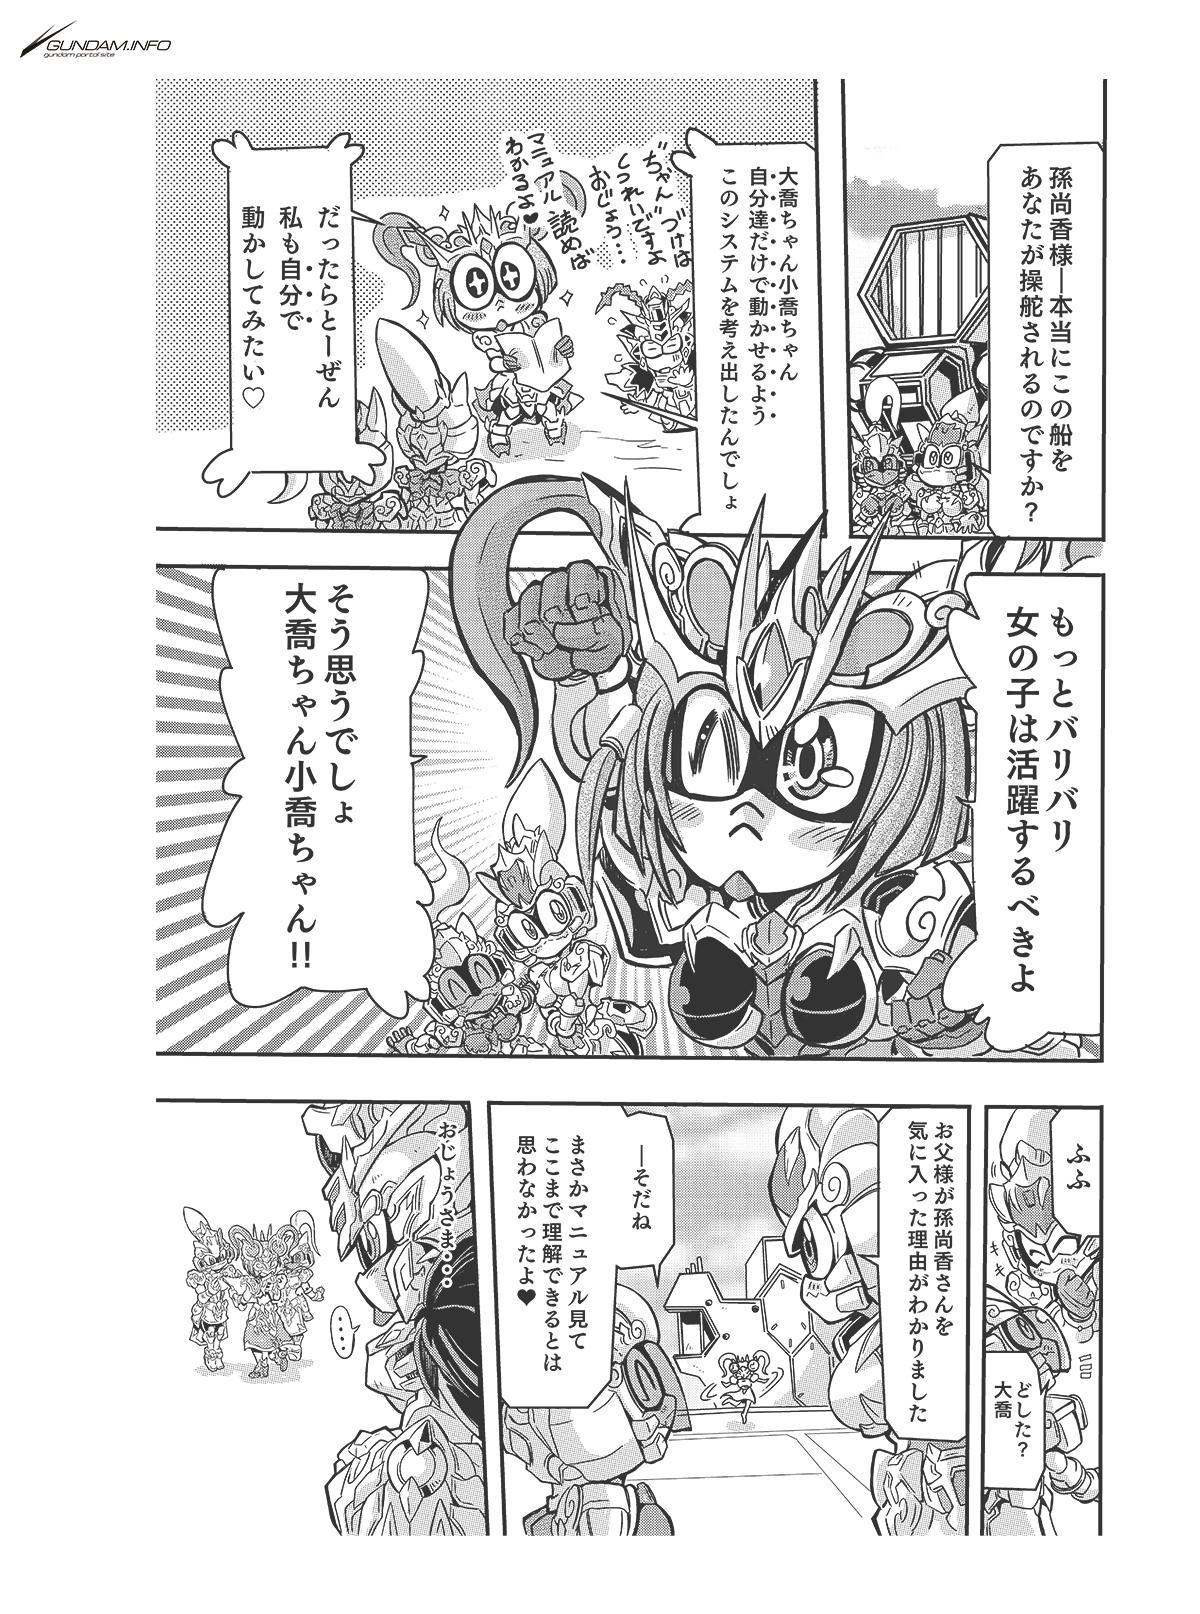 SDガンダムワールド 三国創傑伝 焔虎譚 第5話 P7